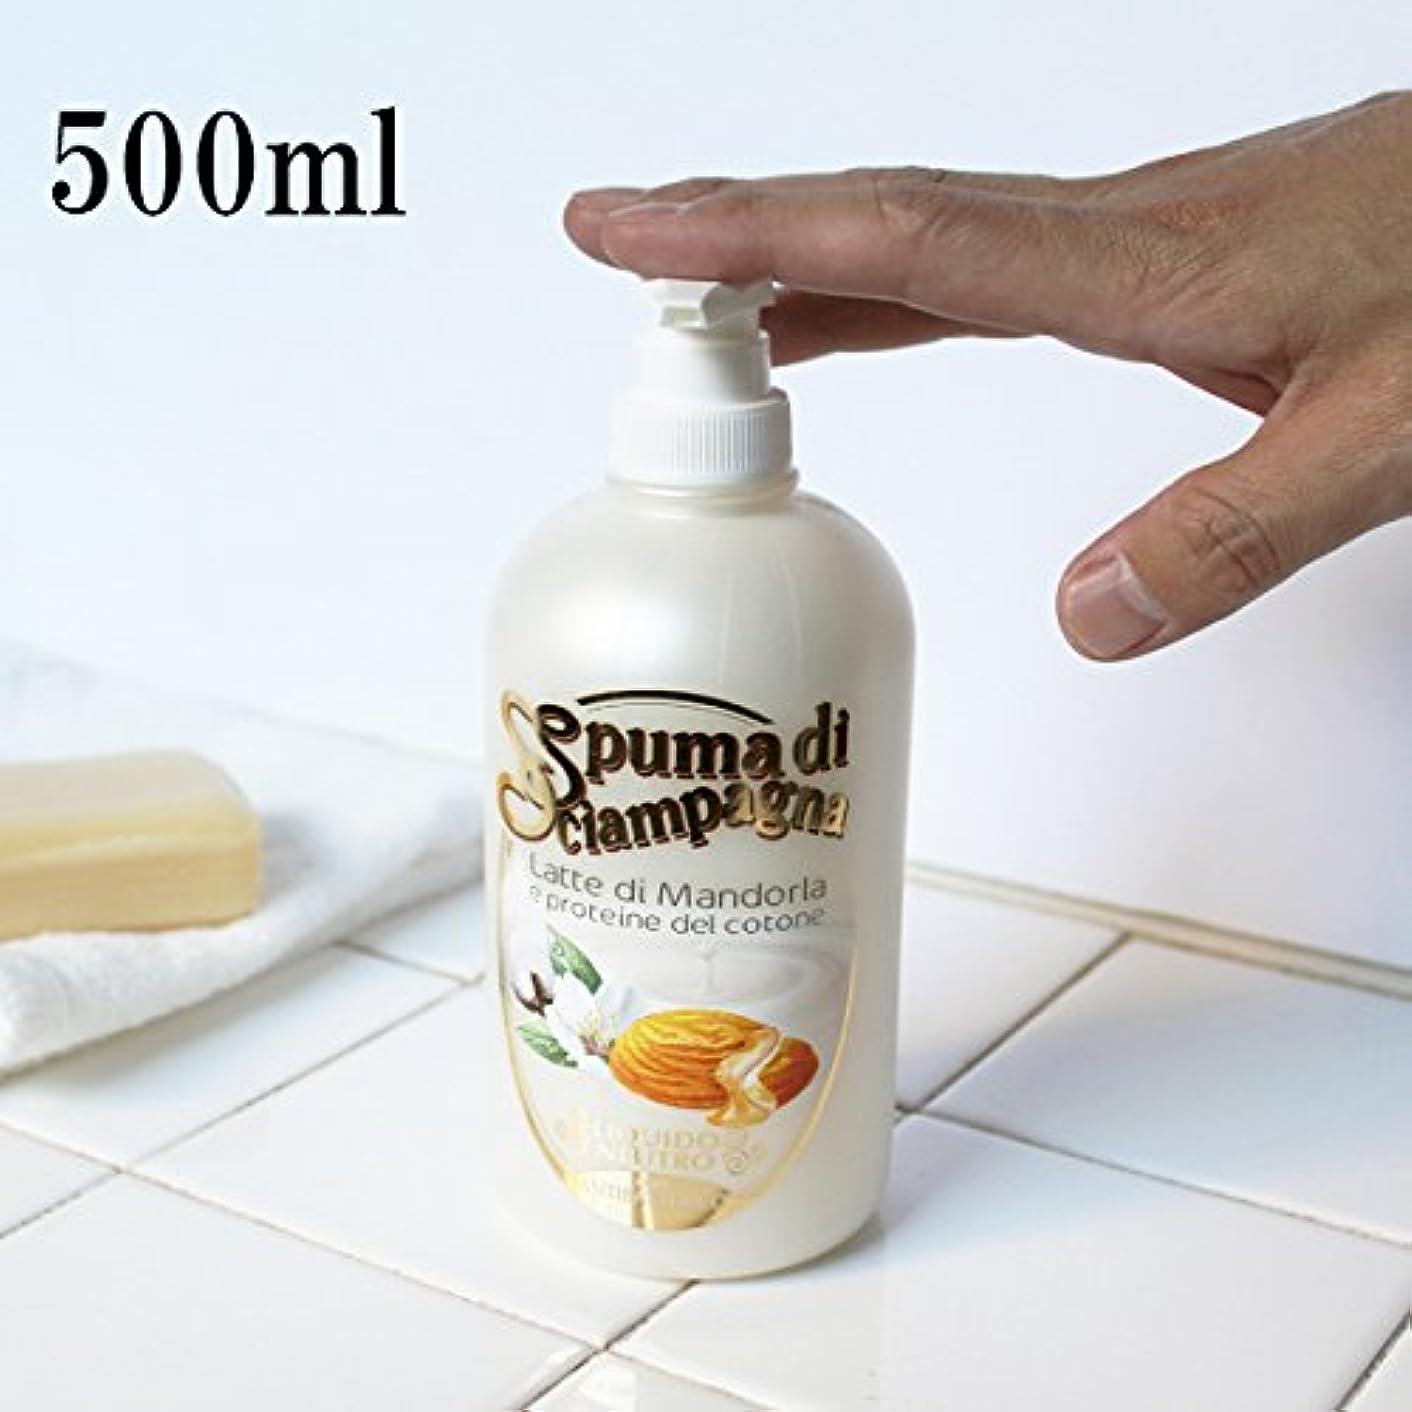 雨びっくりした輪郭Spuma di Sciampagna (スプーマ ディ シャンパーニャ) リキッドソープ 500ml アーモンドの香り